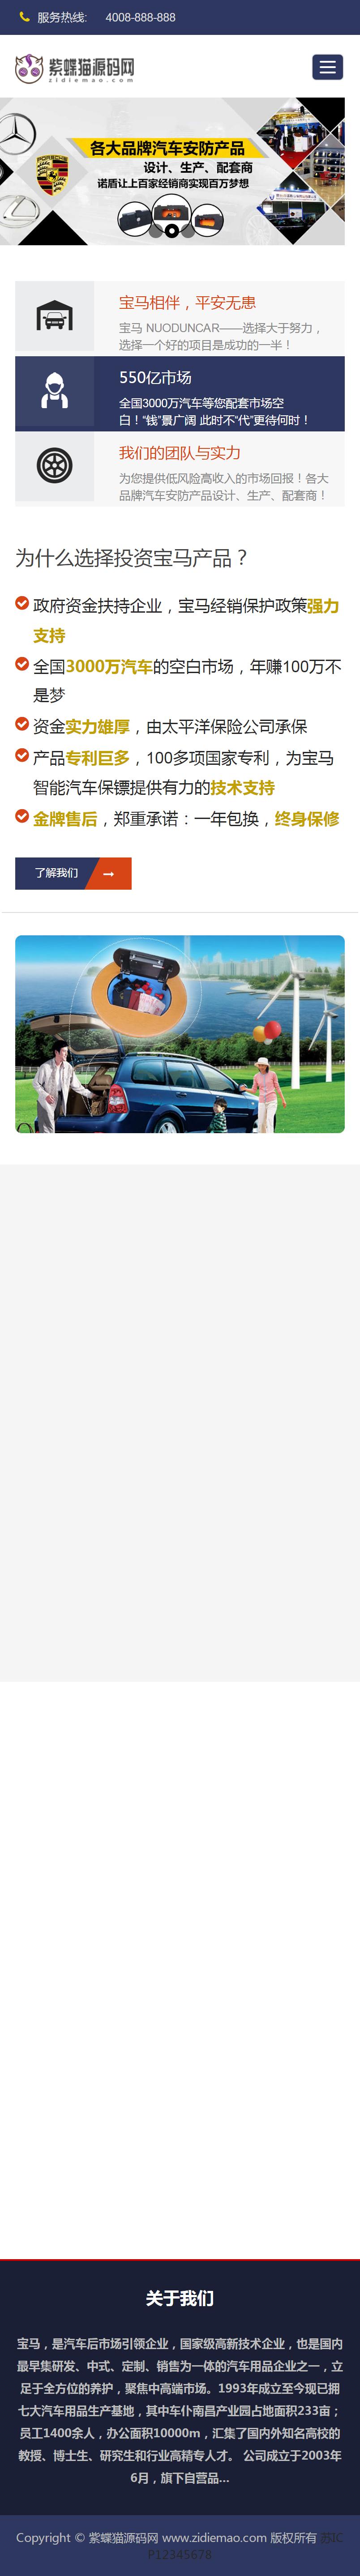 织梦汽车网站模板